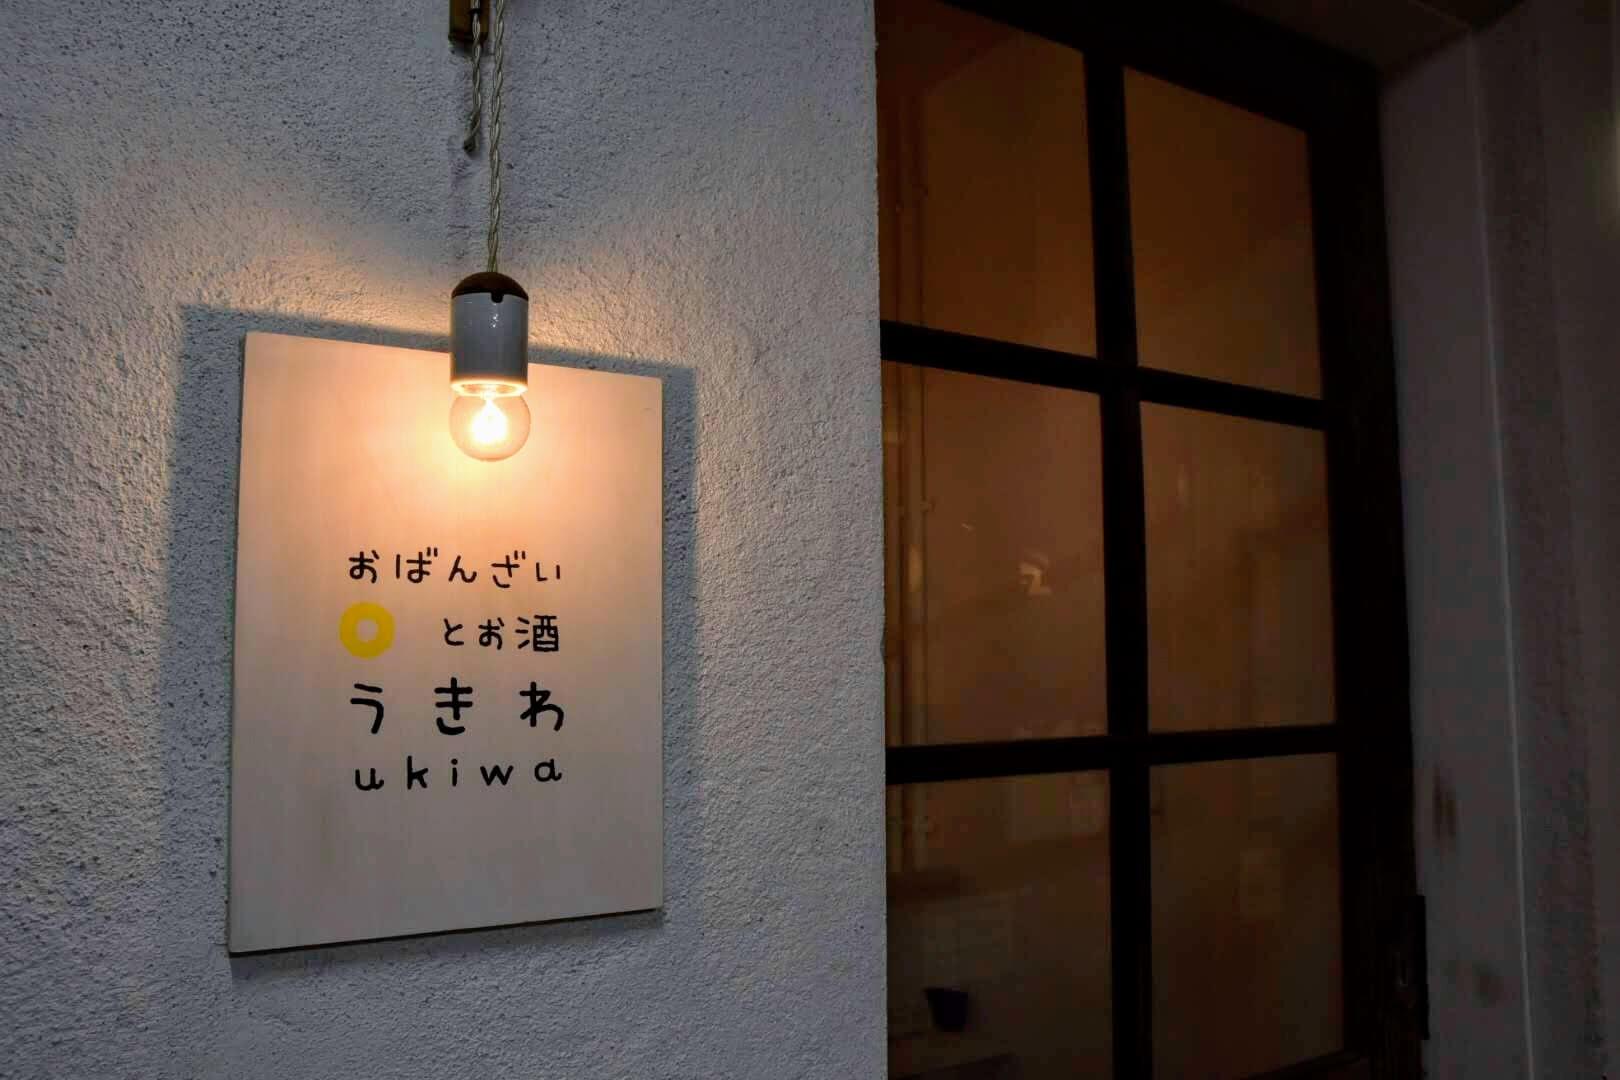 うきわ(ukiwa)|姉妹が作るおばんざいと種類豊富なお酒が味わえるお店